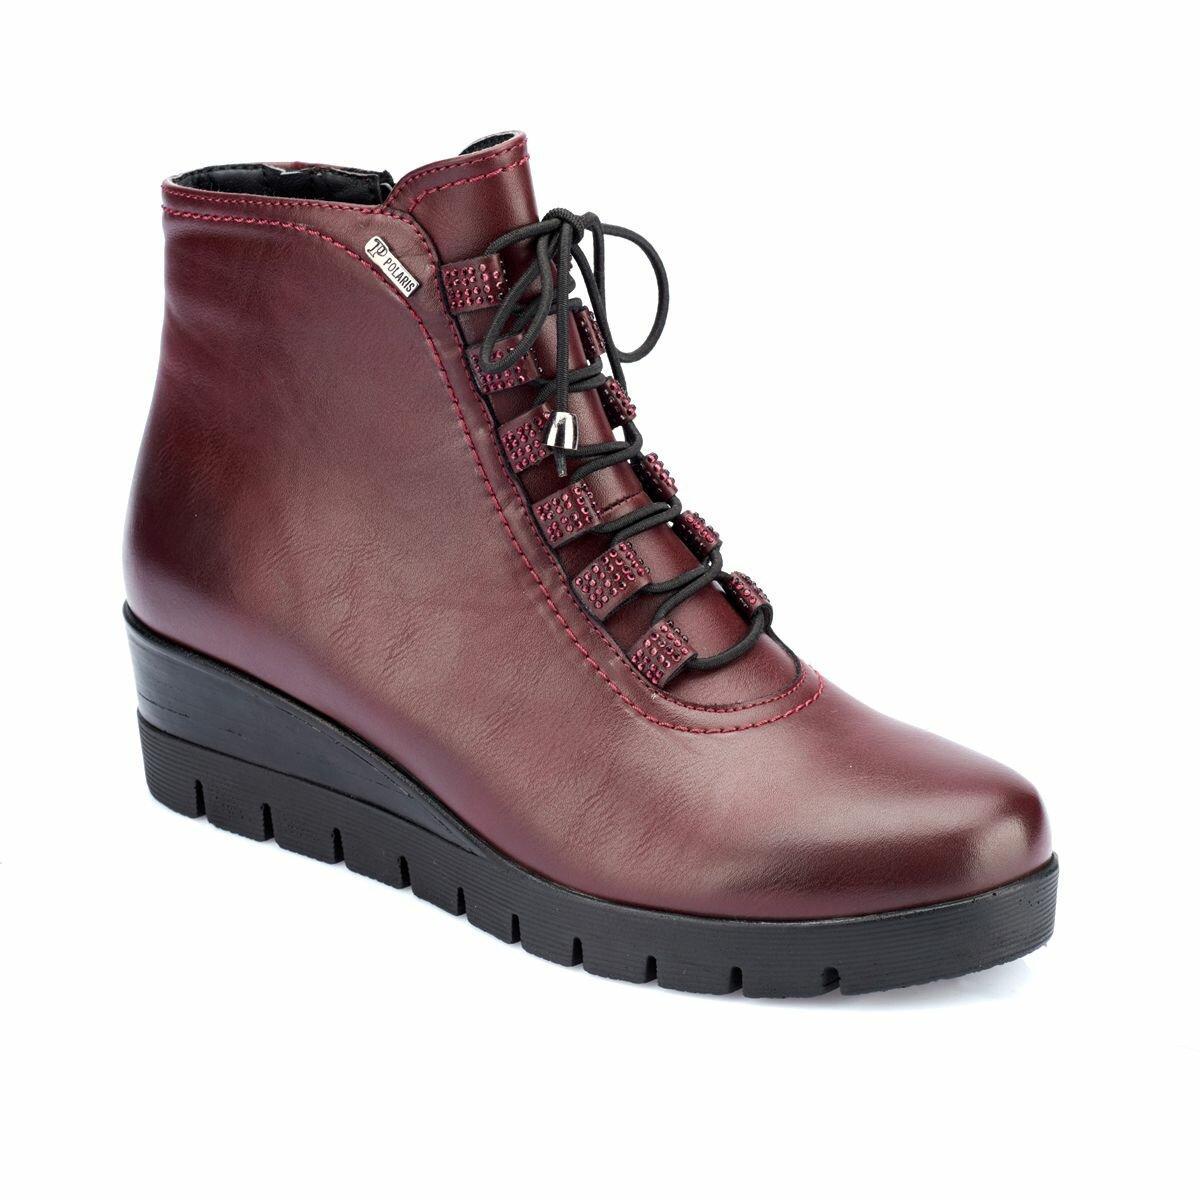 FLO 82. 150386.Z Borgogna Women 'S Boots Polaris